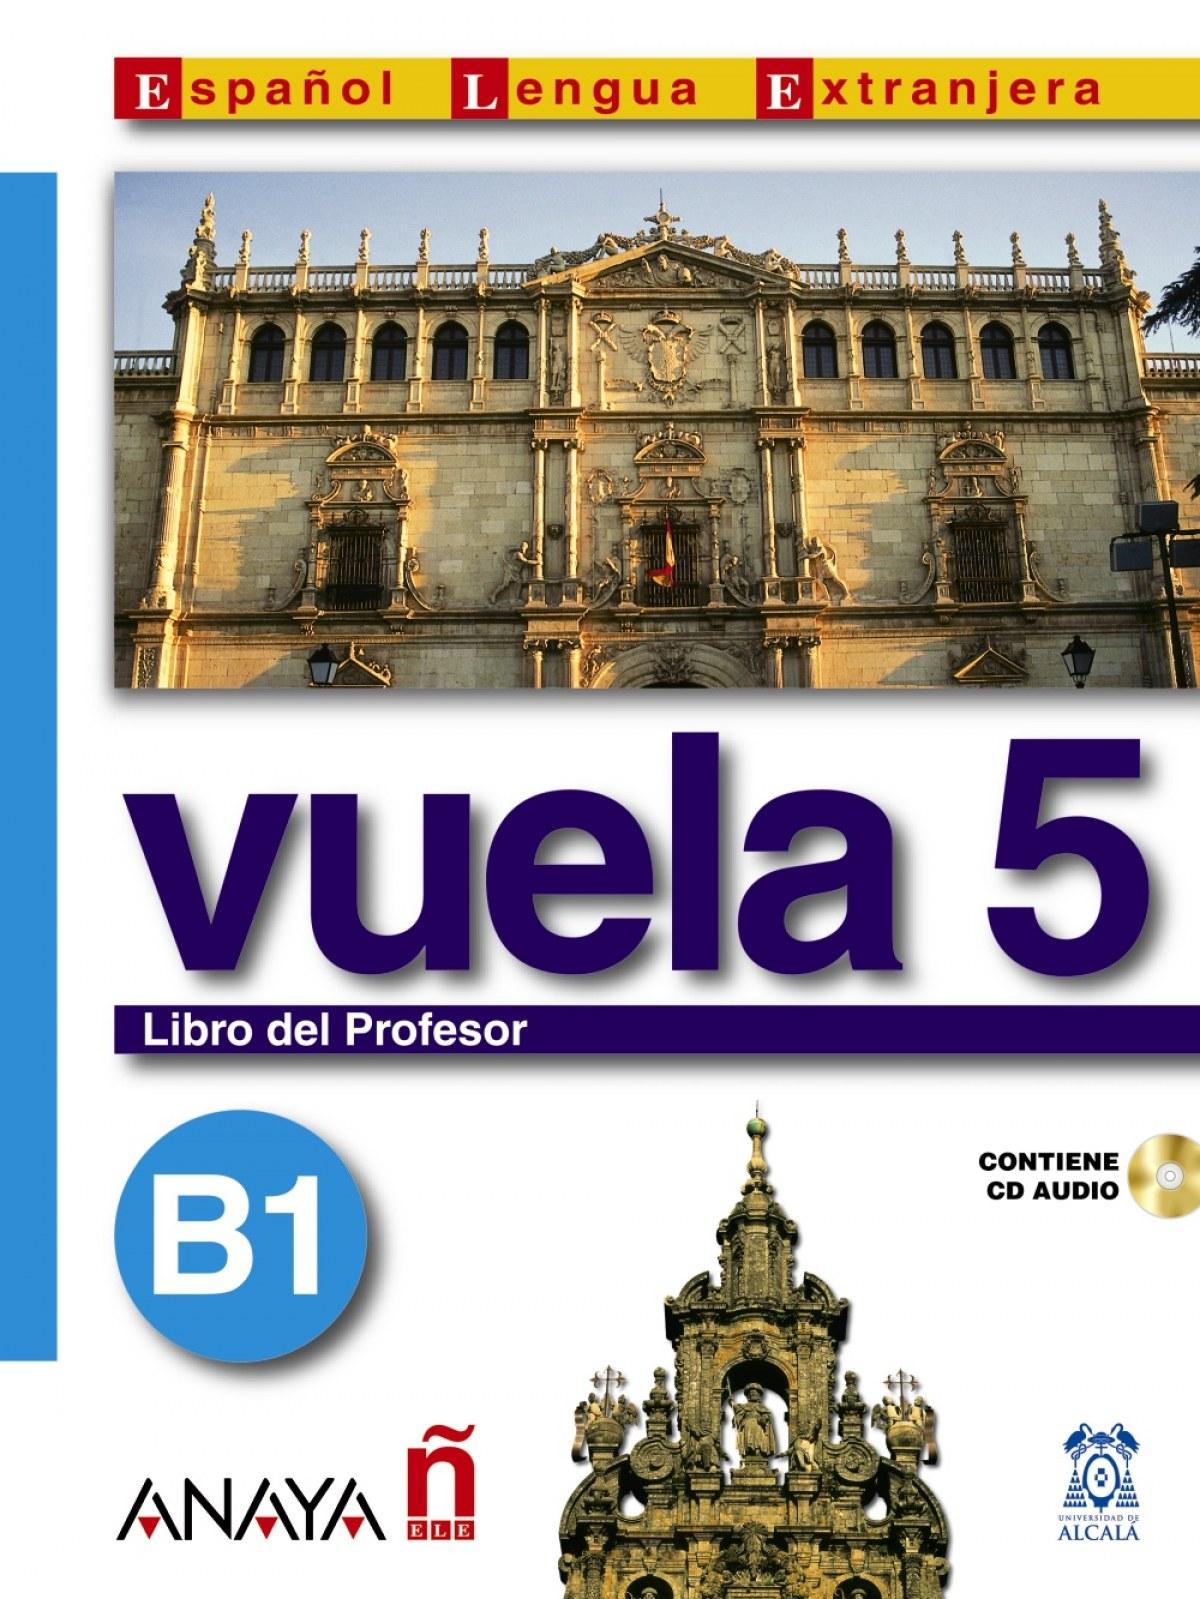 Vuela 5 Libro del Profesor B1